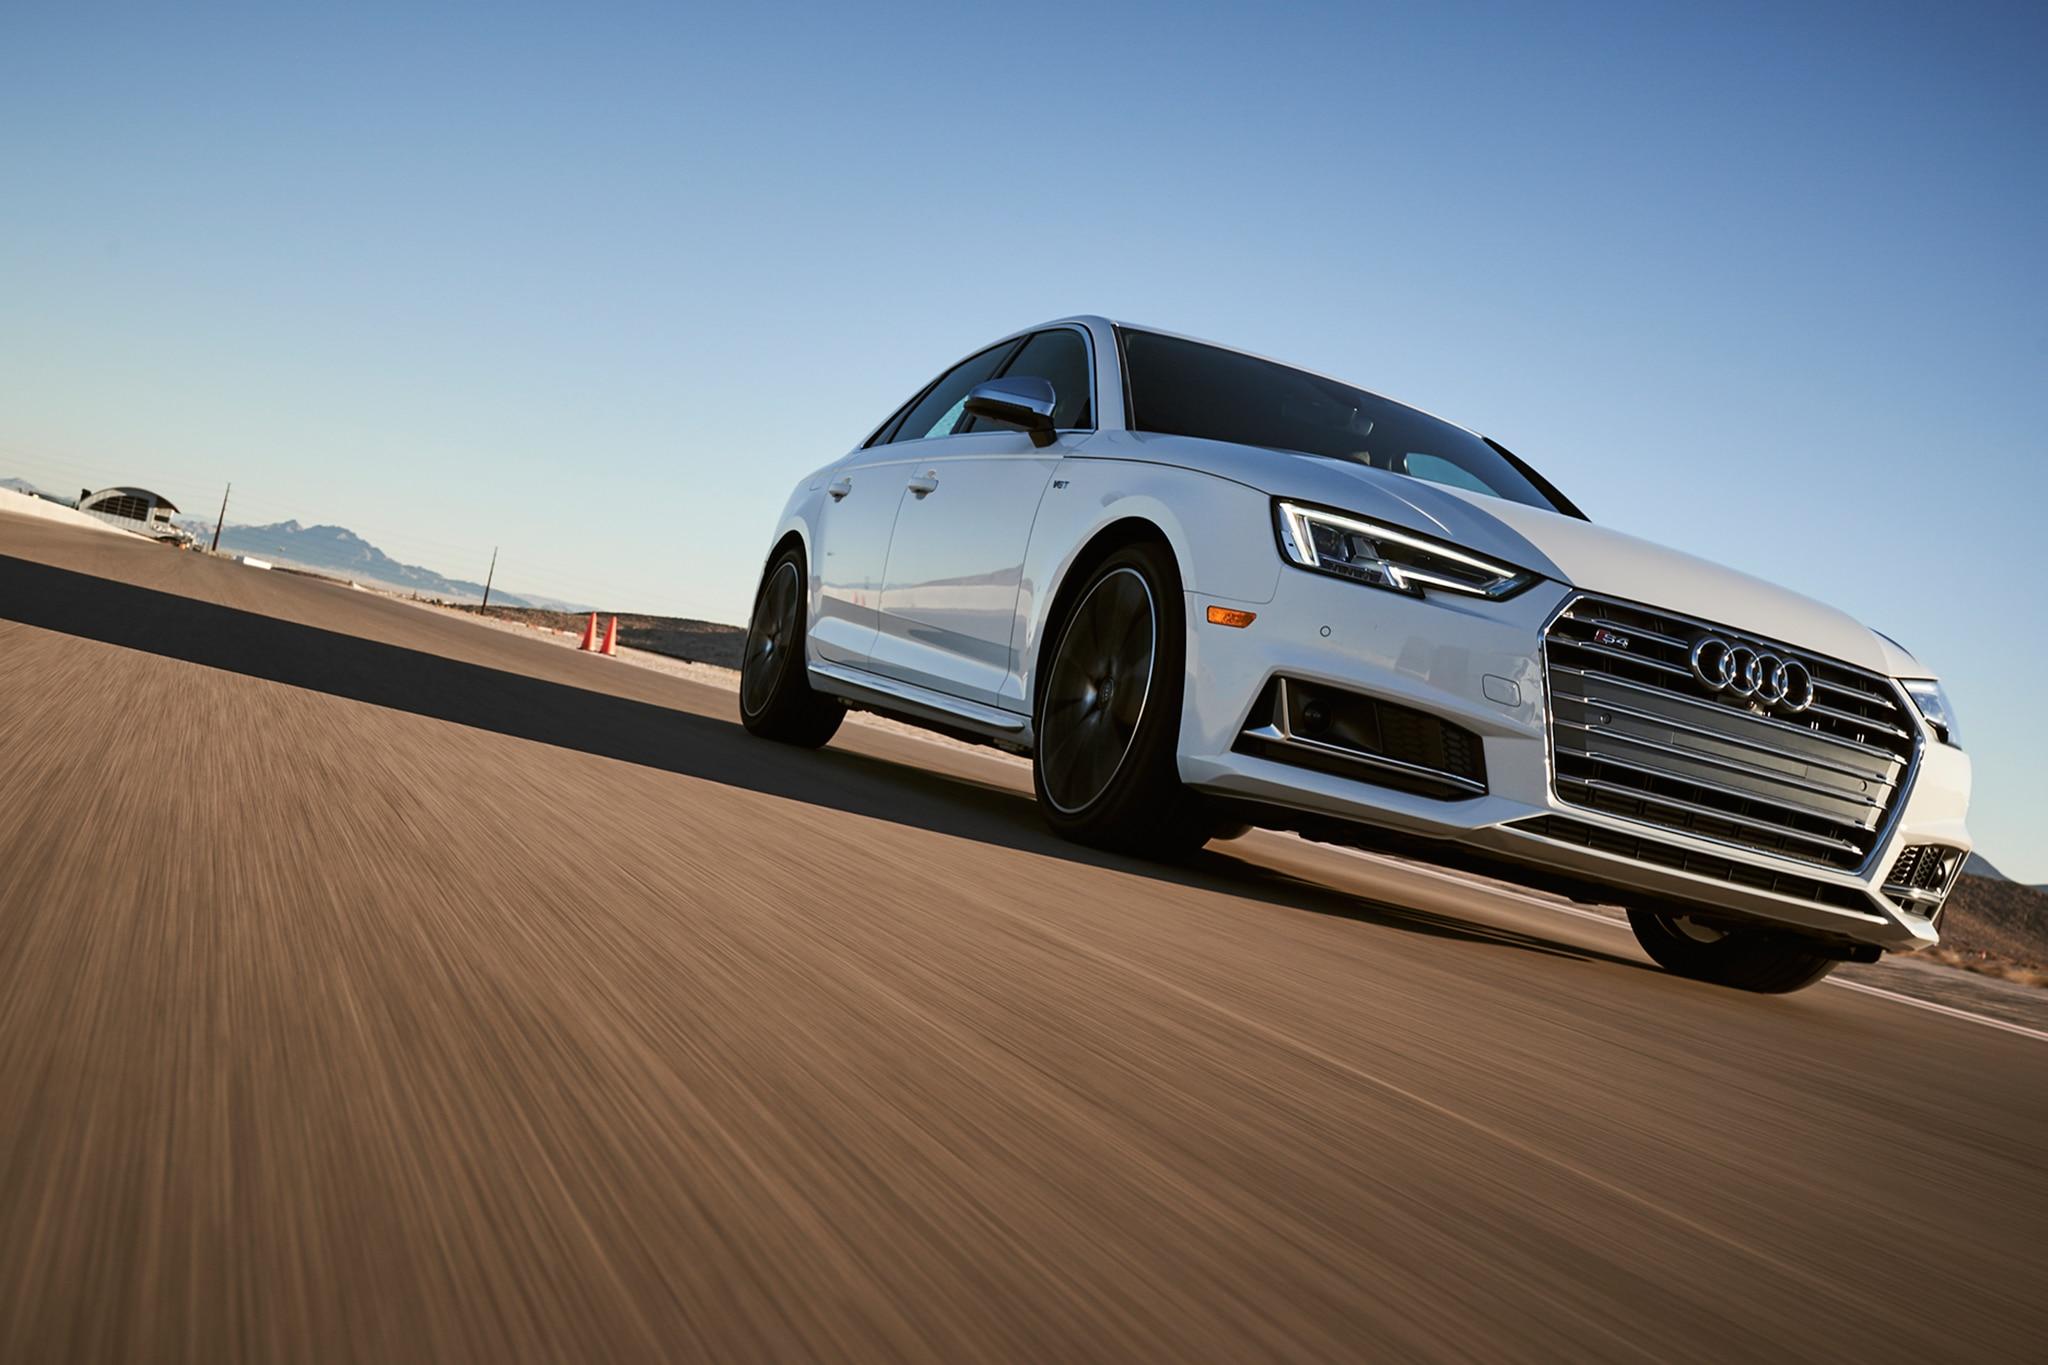 Audi S4 0 60 2 >> 2018 All-Stars Contender: Audi S4 3.0T quattro tiptronic | Automobile Magazine